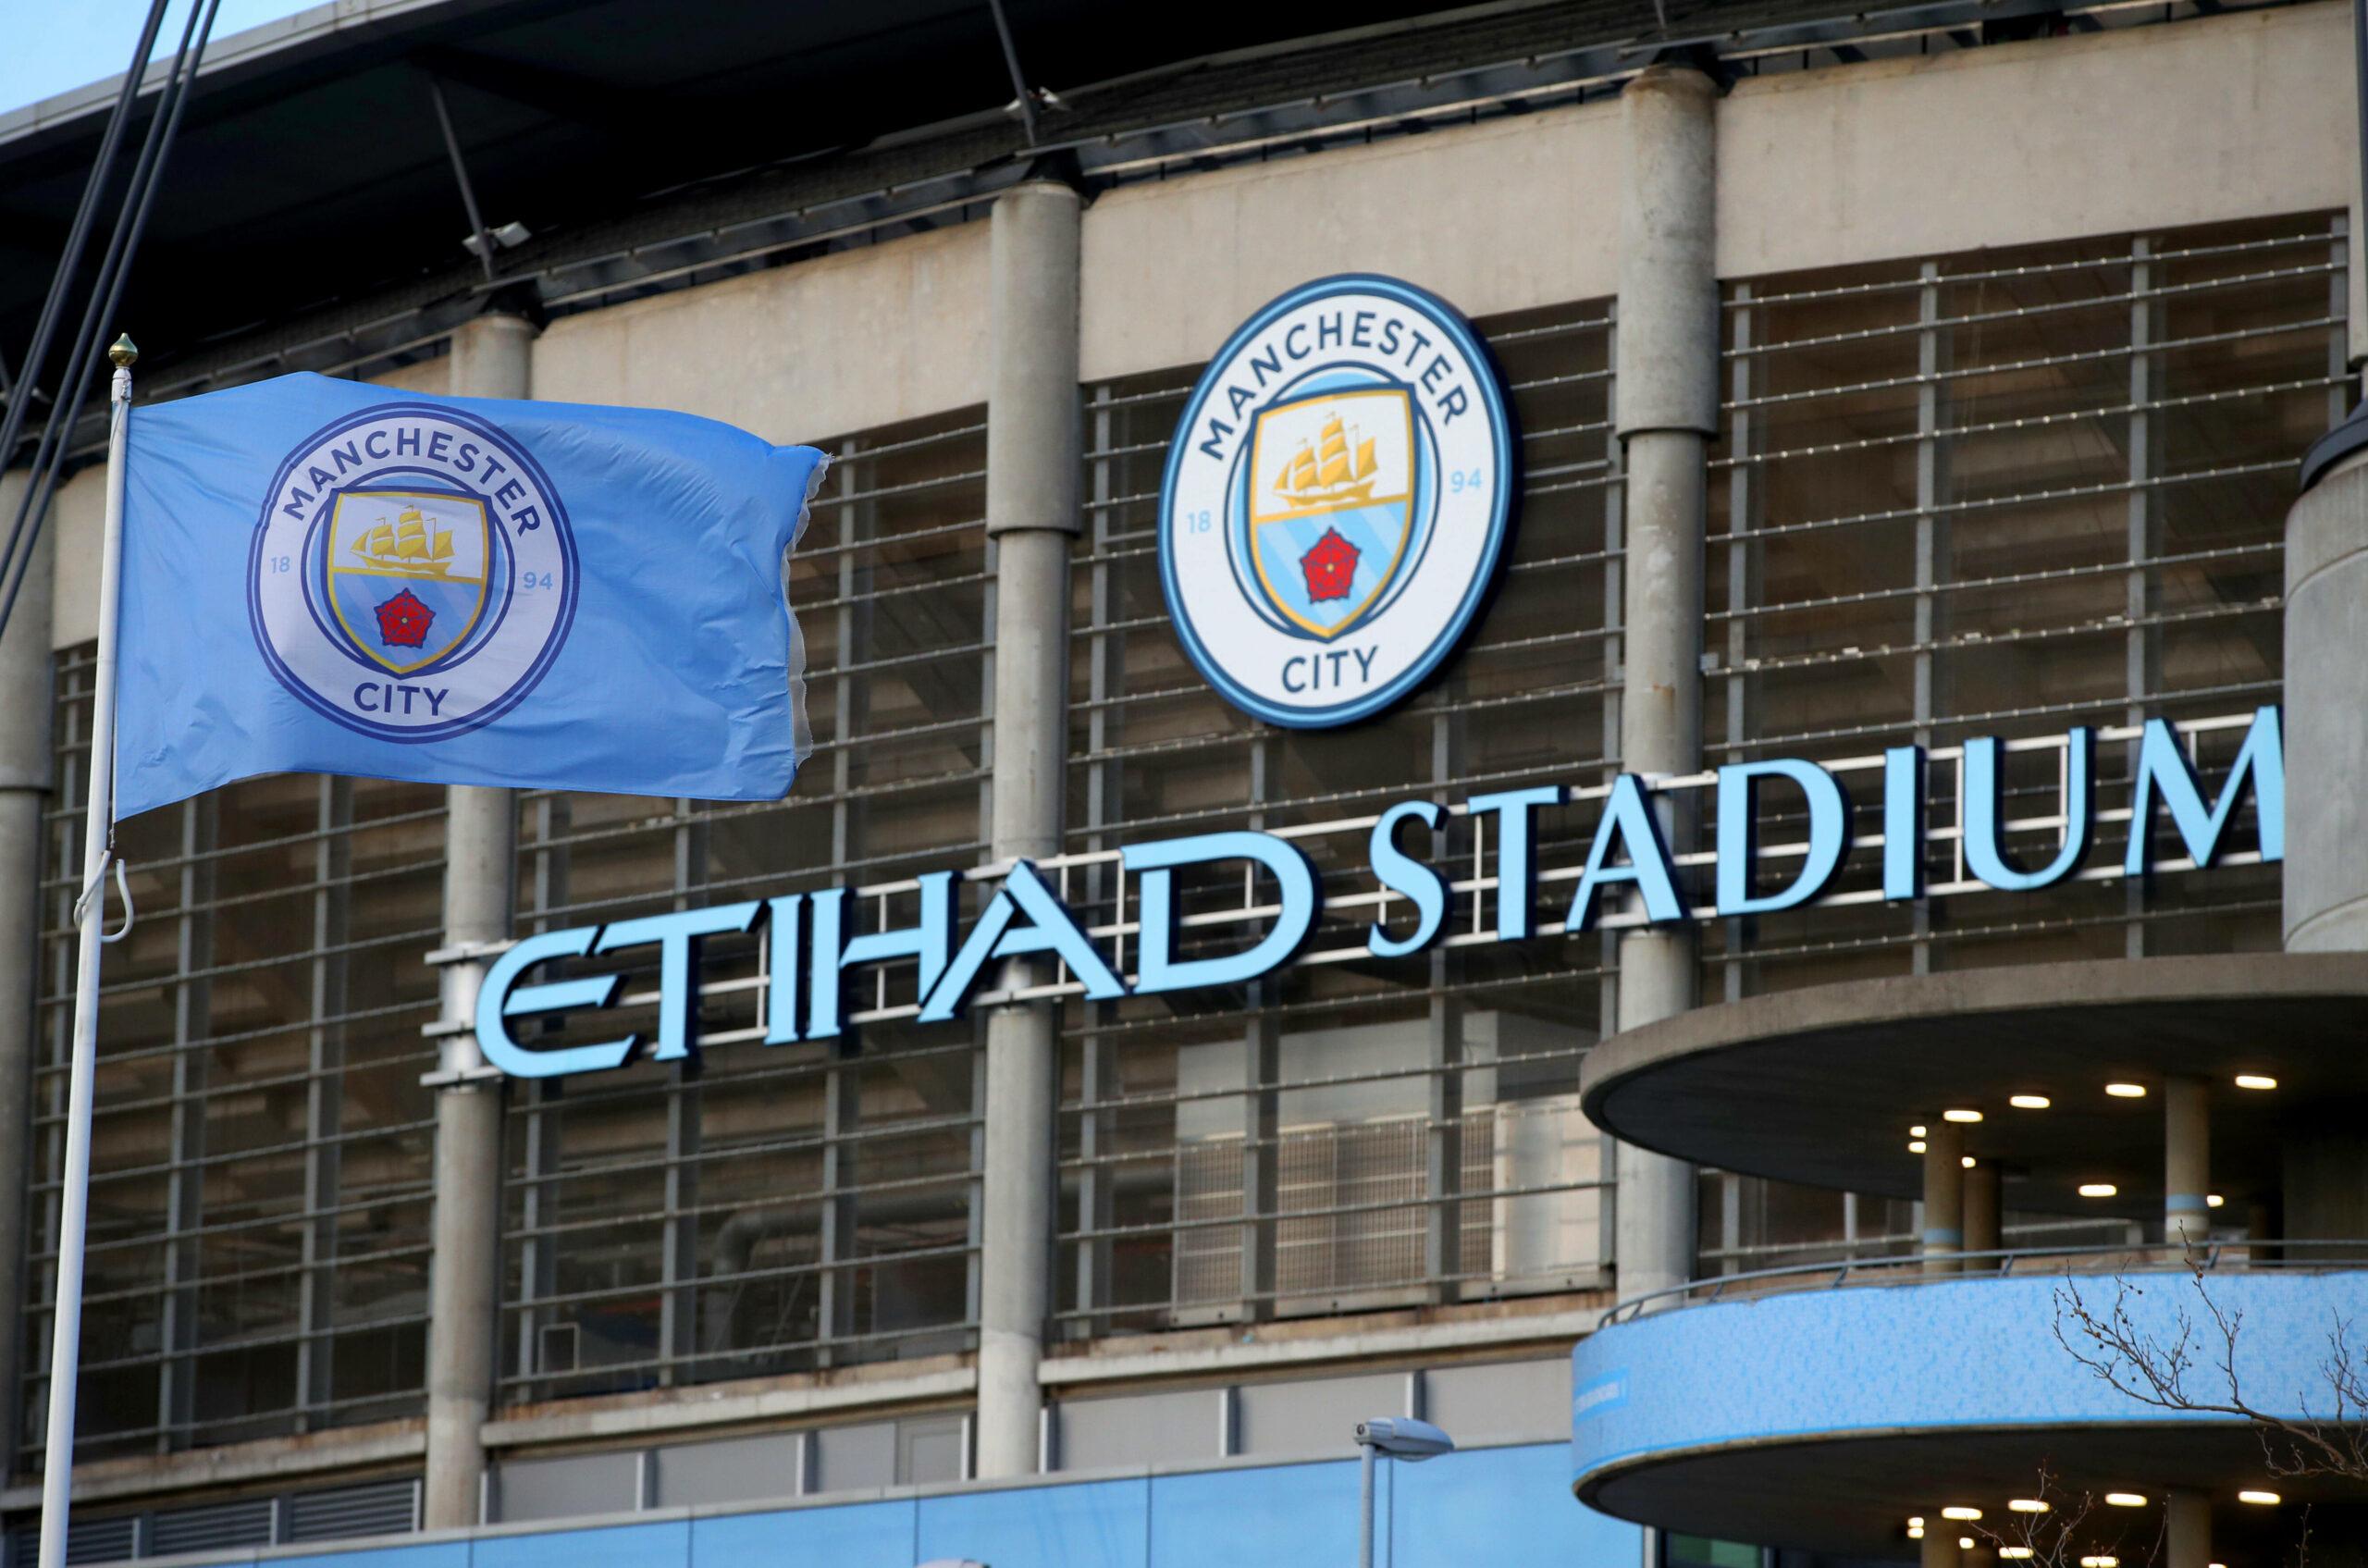 Etihad Stadium ManCity